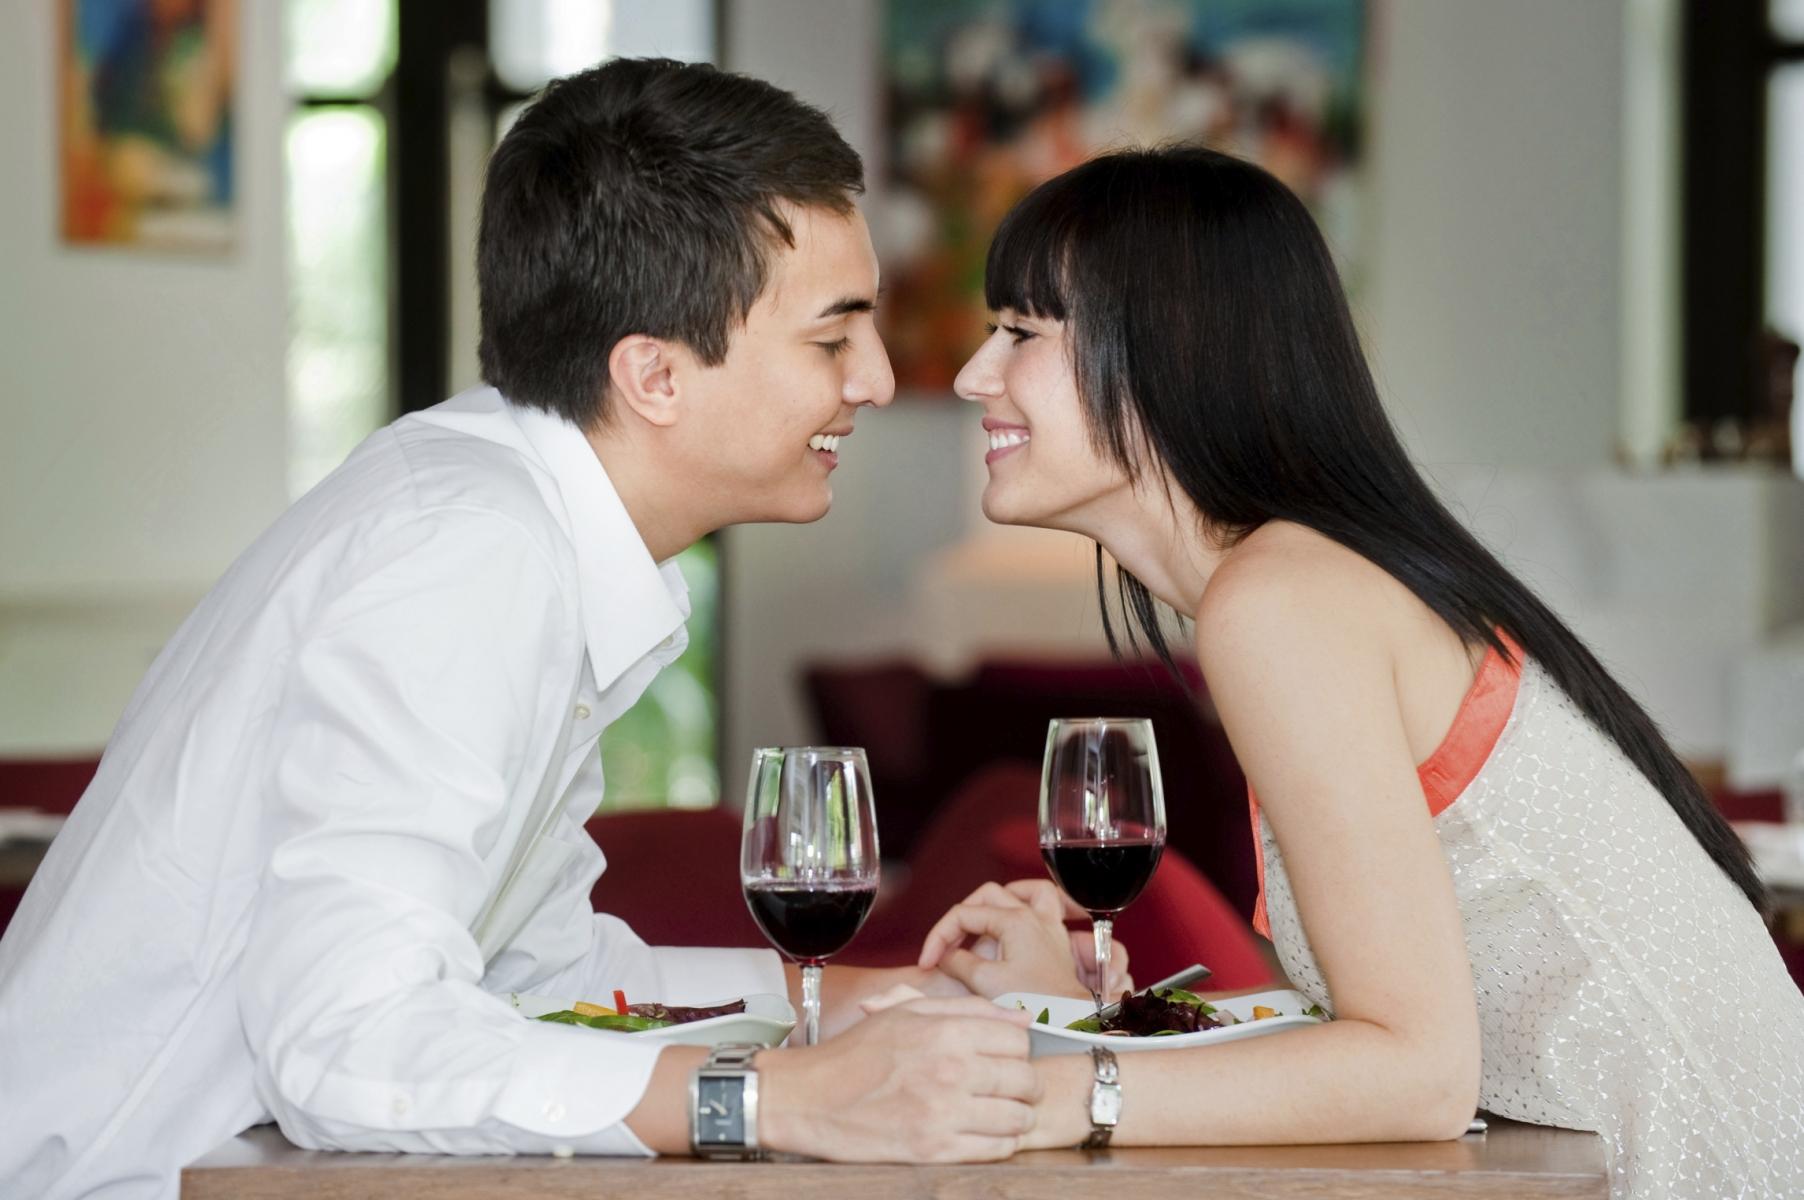 Знакомства целоваться когда можно после